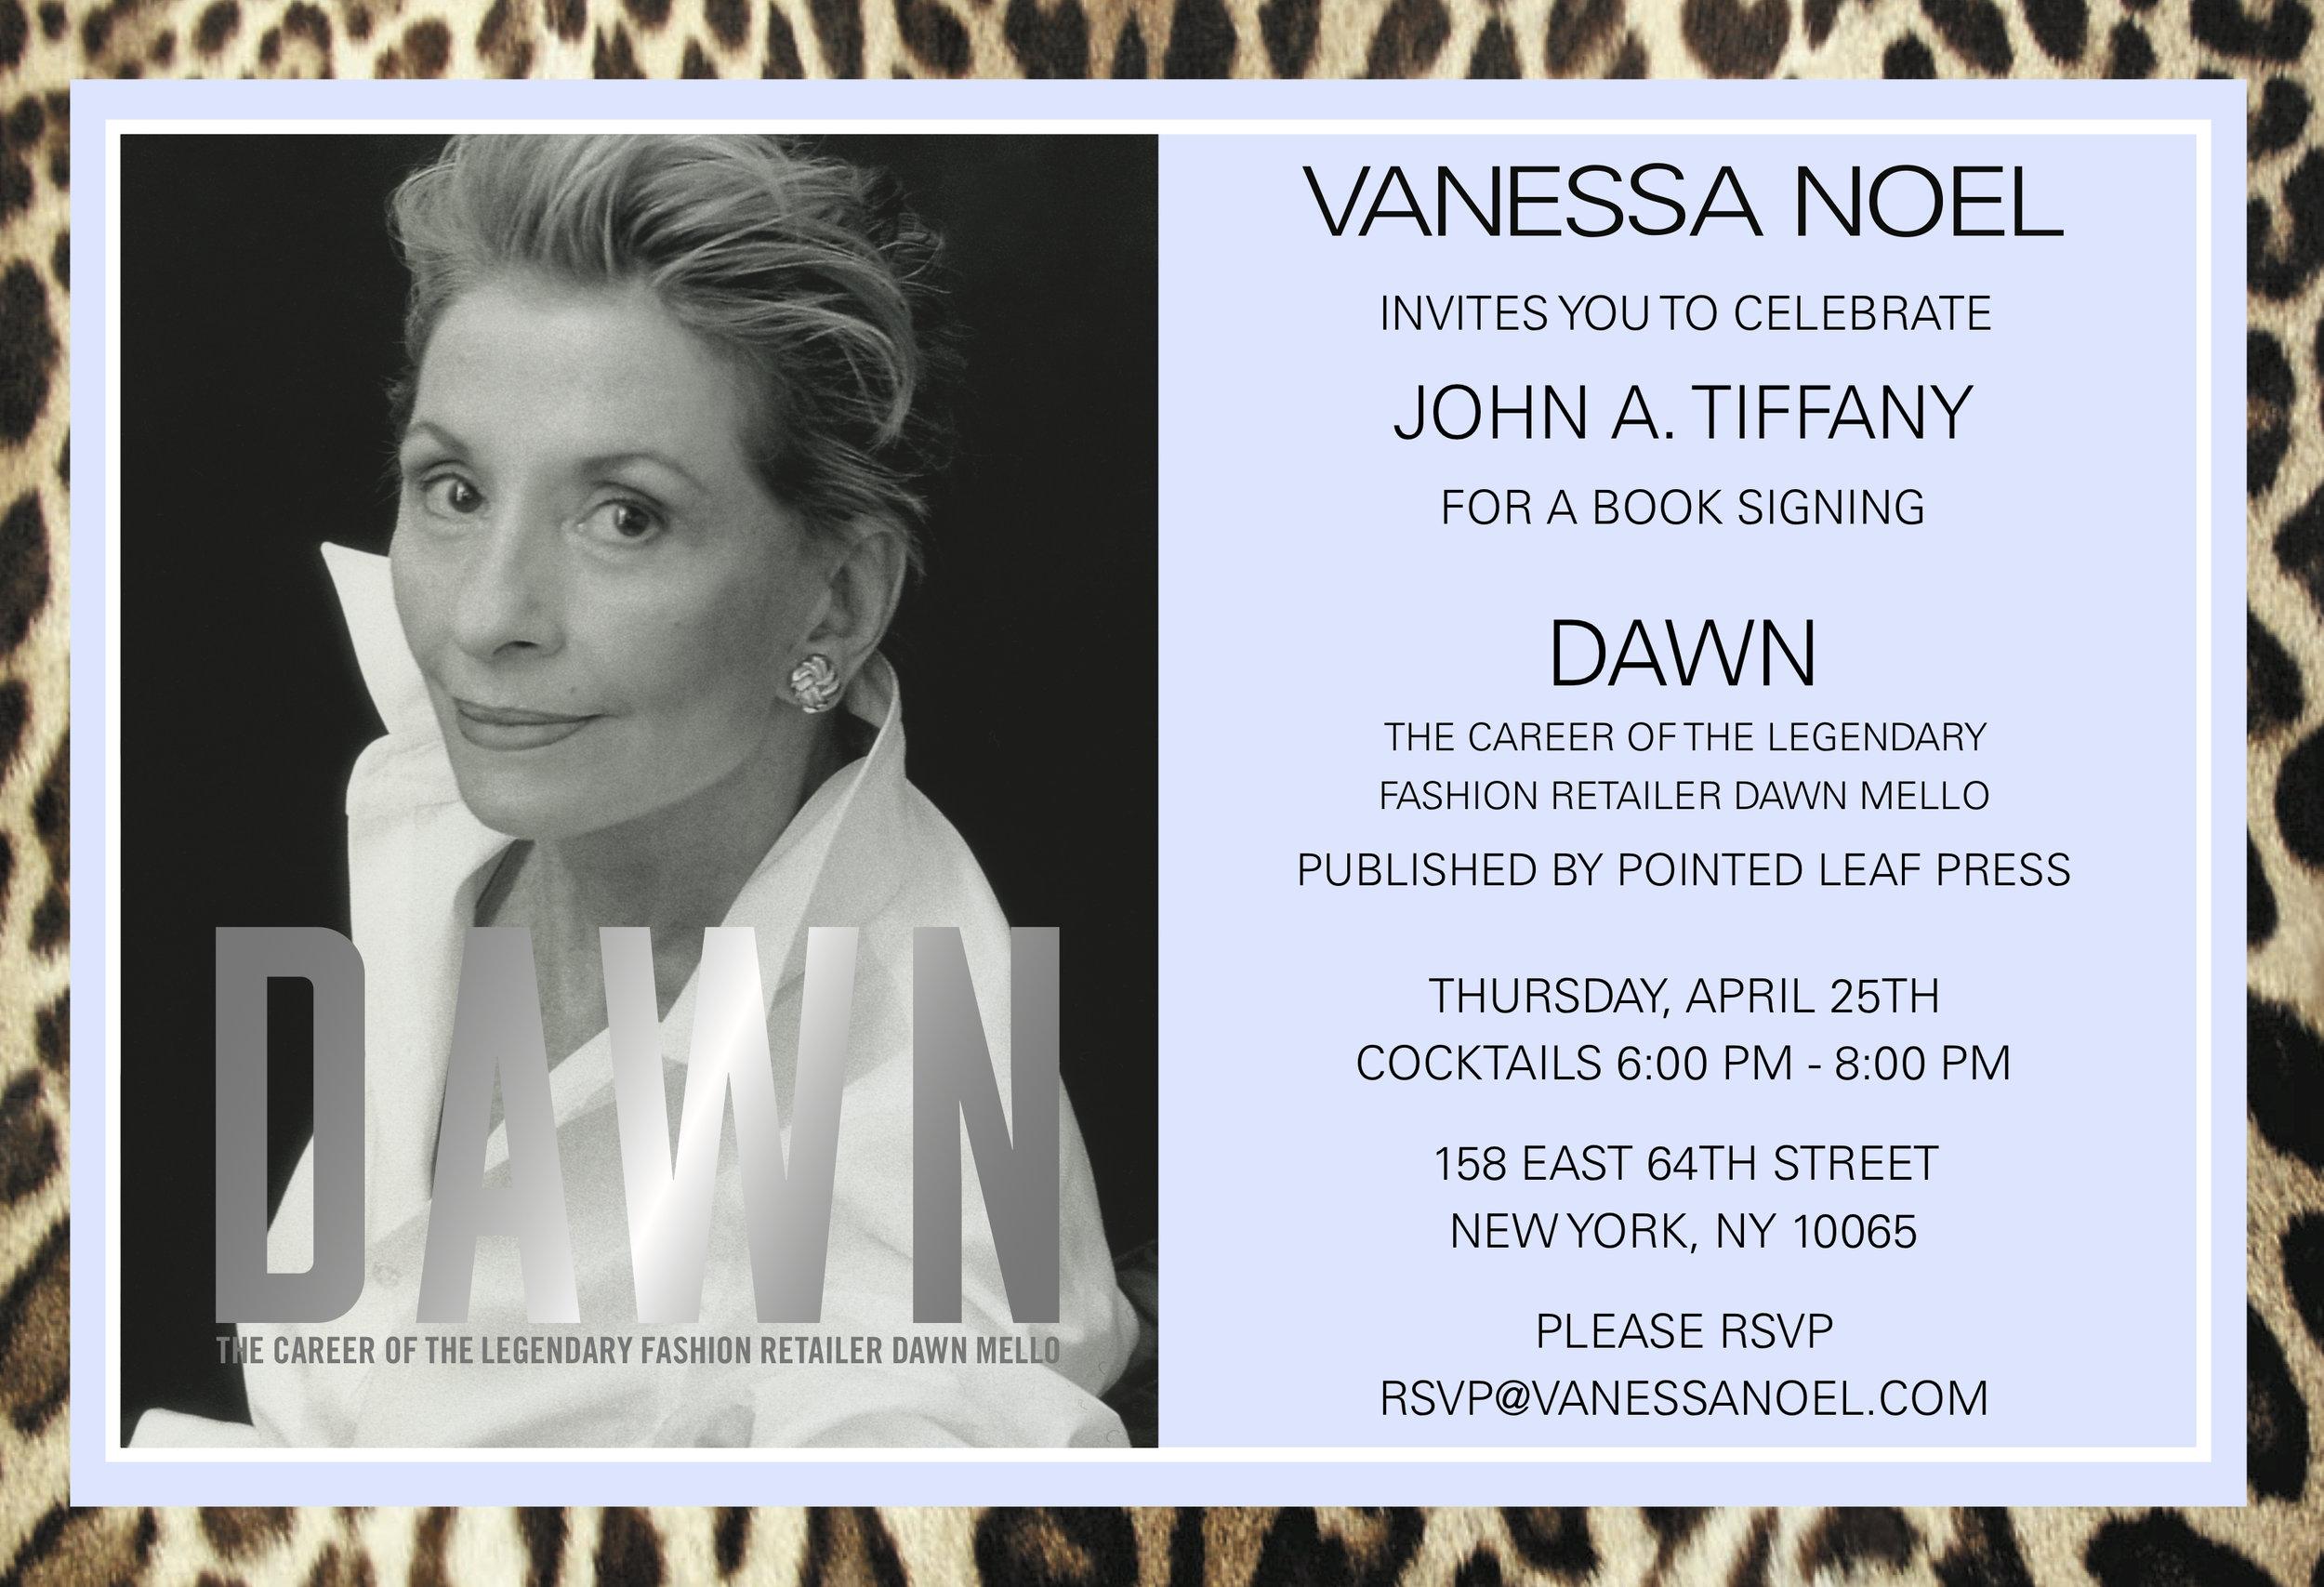 Vanessa Noel_John Tiffany Book Signing_4.25.19.jpg